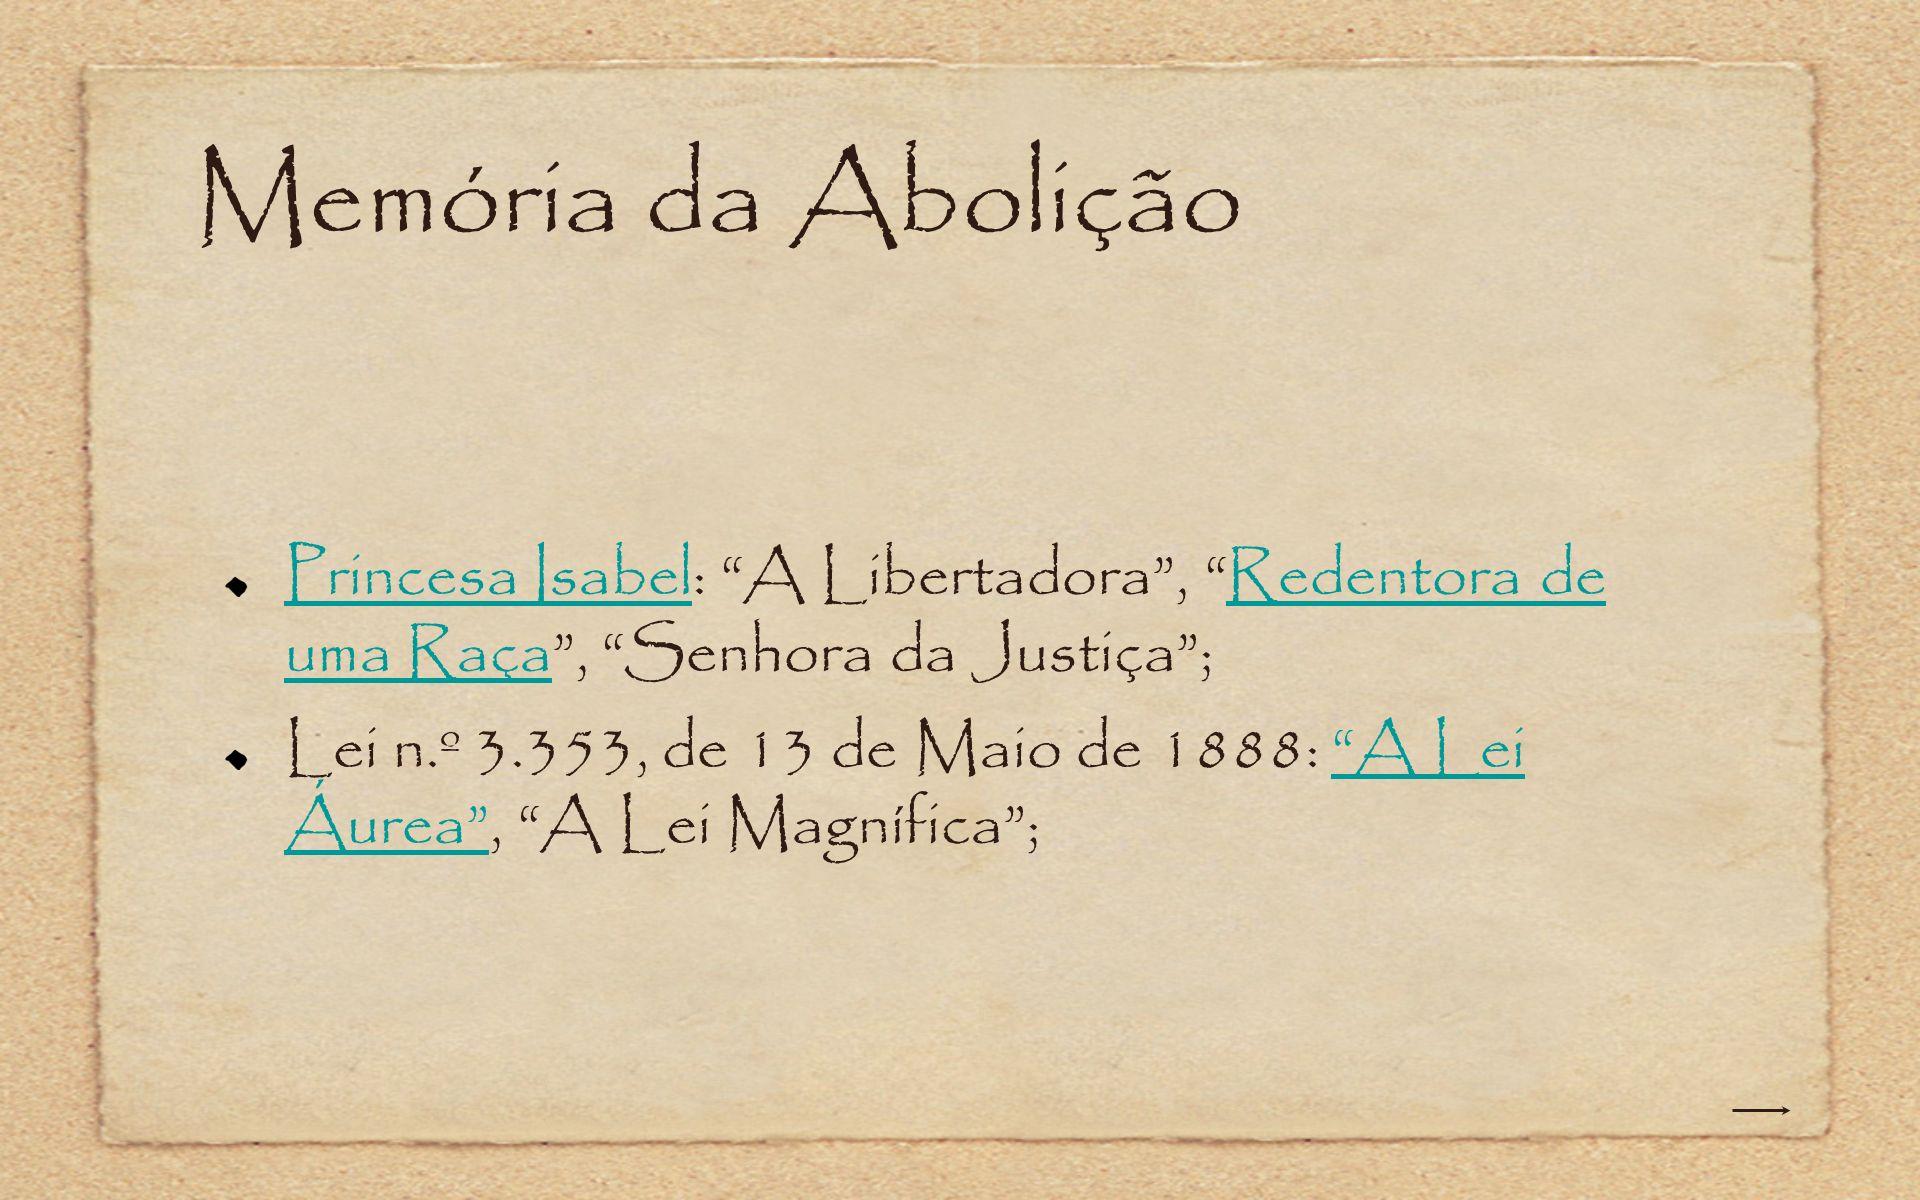 Memória da Abolição Princesa IsabelPrincesa Isabel: A Libertadora, Redentora de uma Raça, Senhora da Justiça;Redentora de uma Raça Lei n.º 3.353, de 1